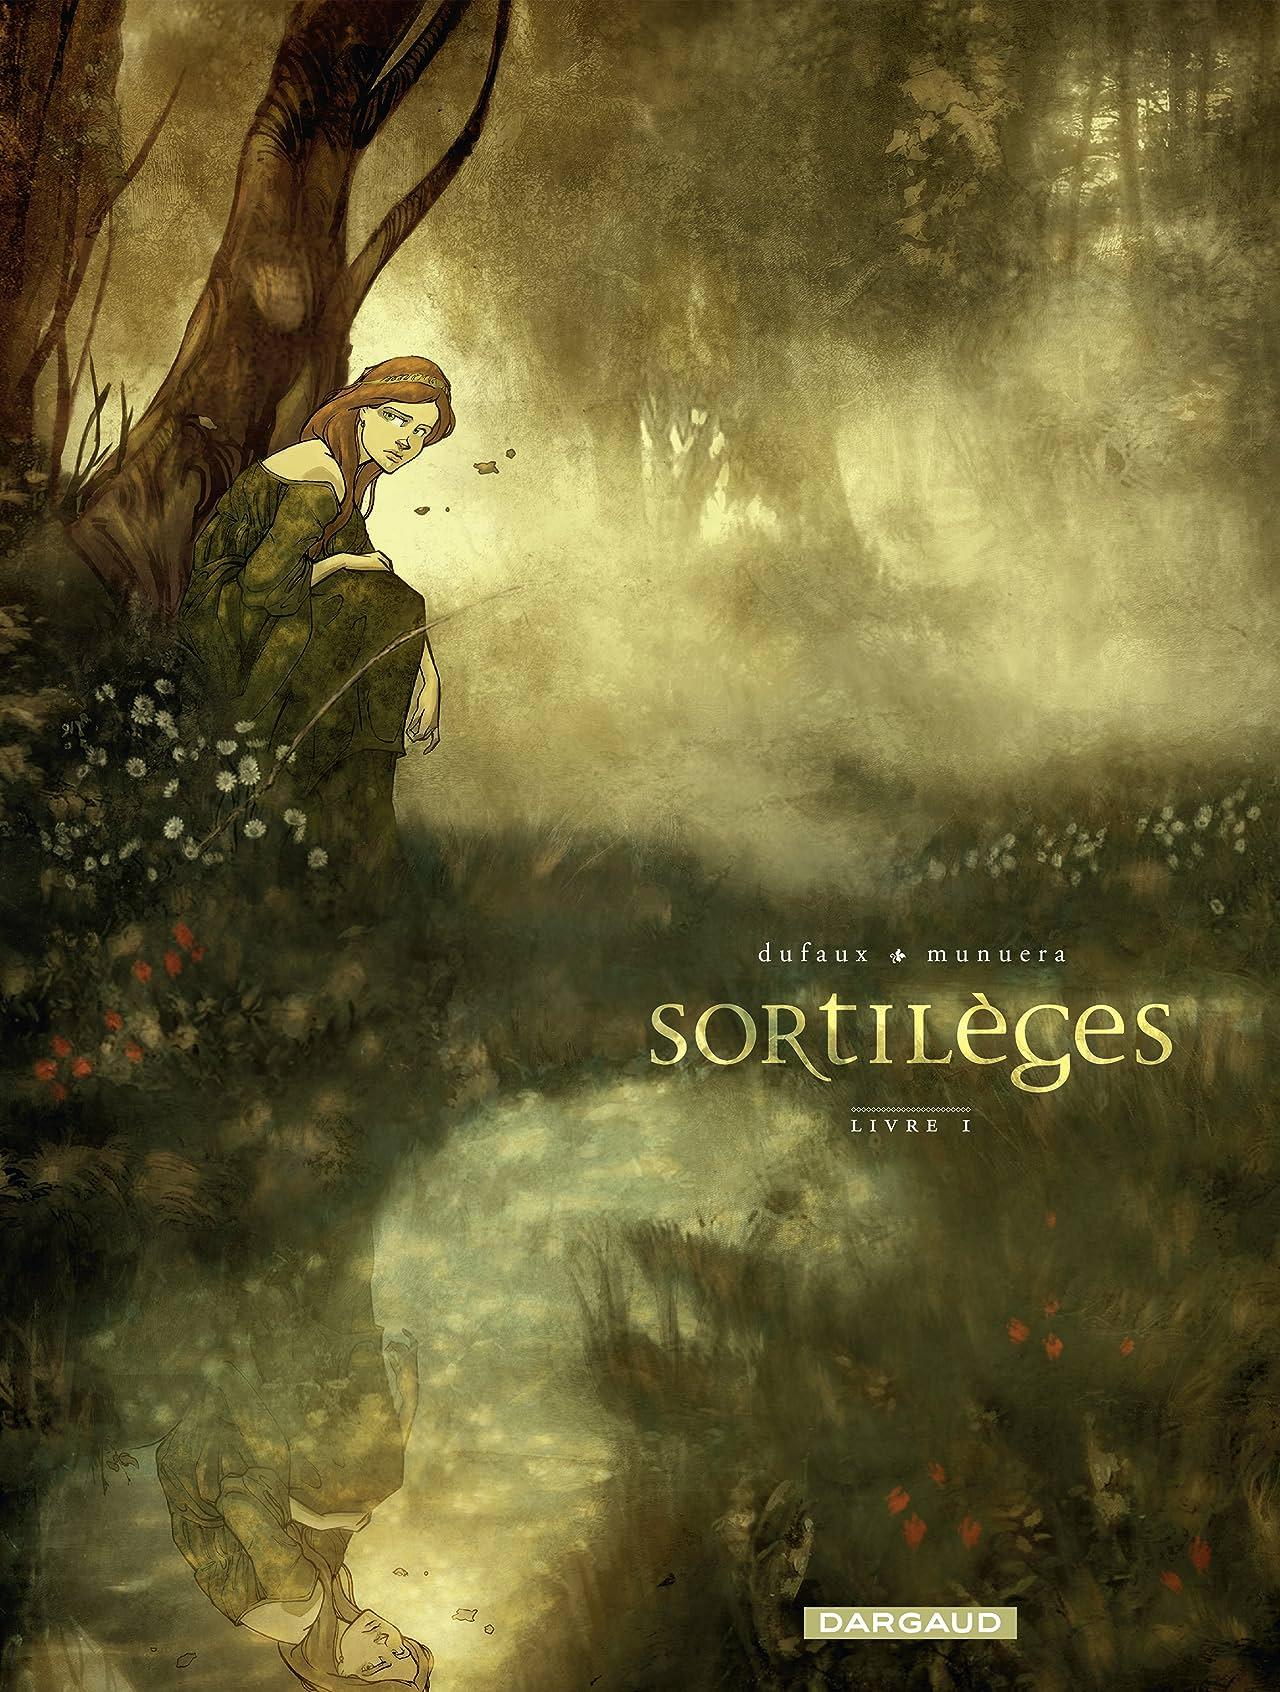 Sortilèges -  Cycle 1 Vol. 1: Livre 1